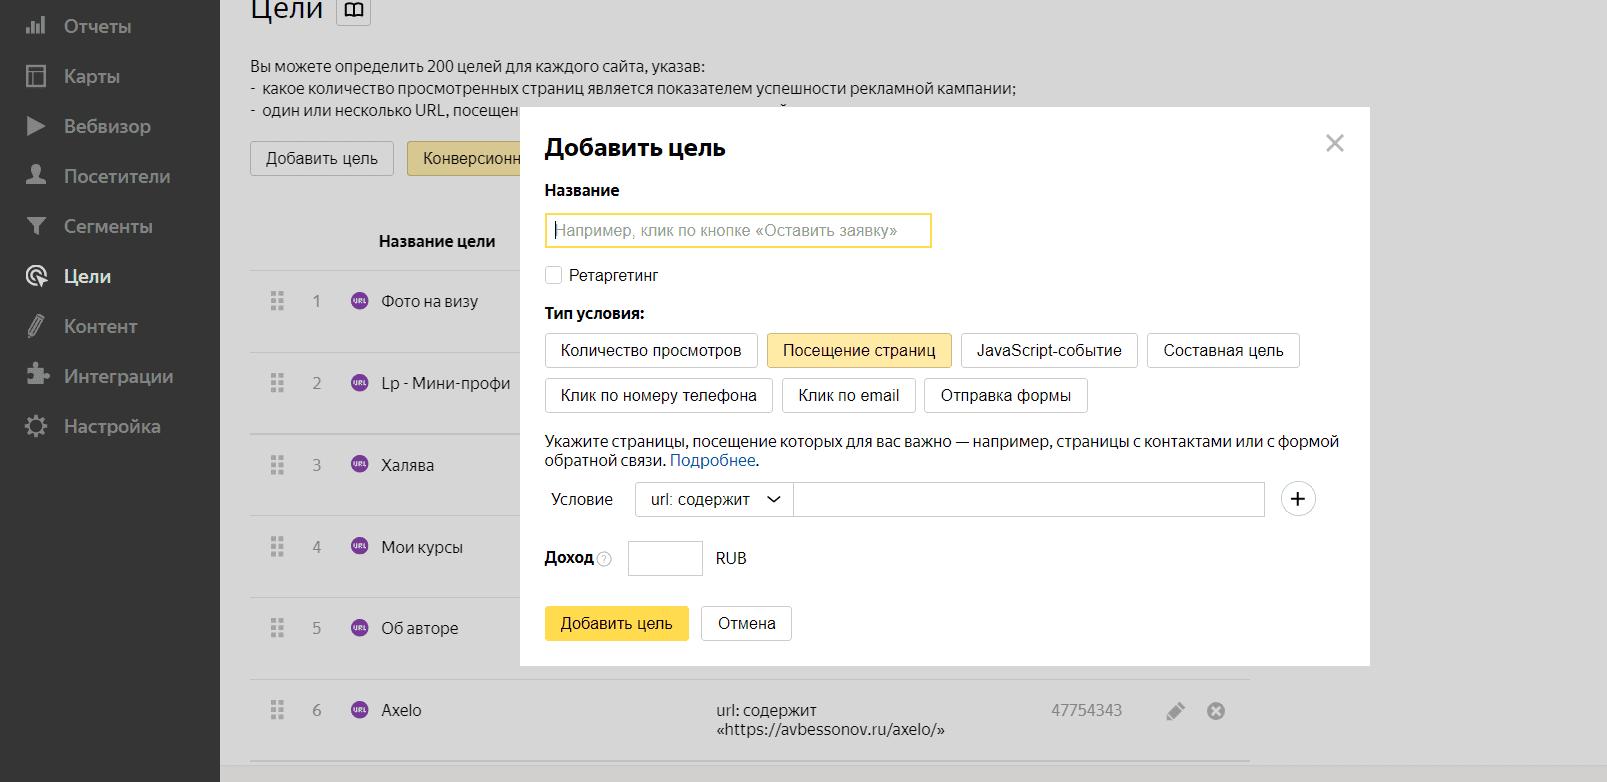 Цели Яндекс Метрики